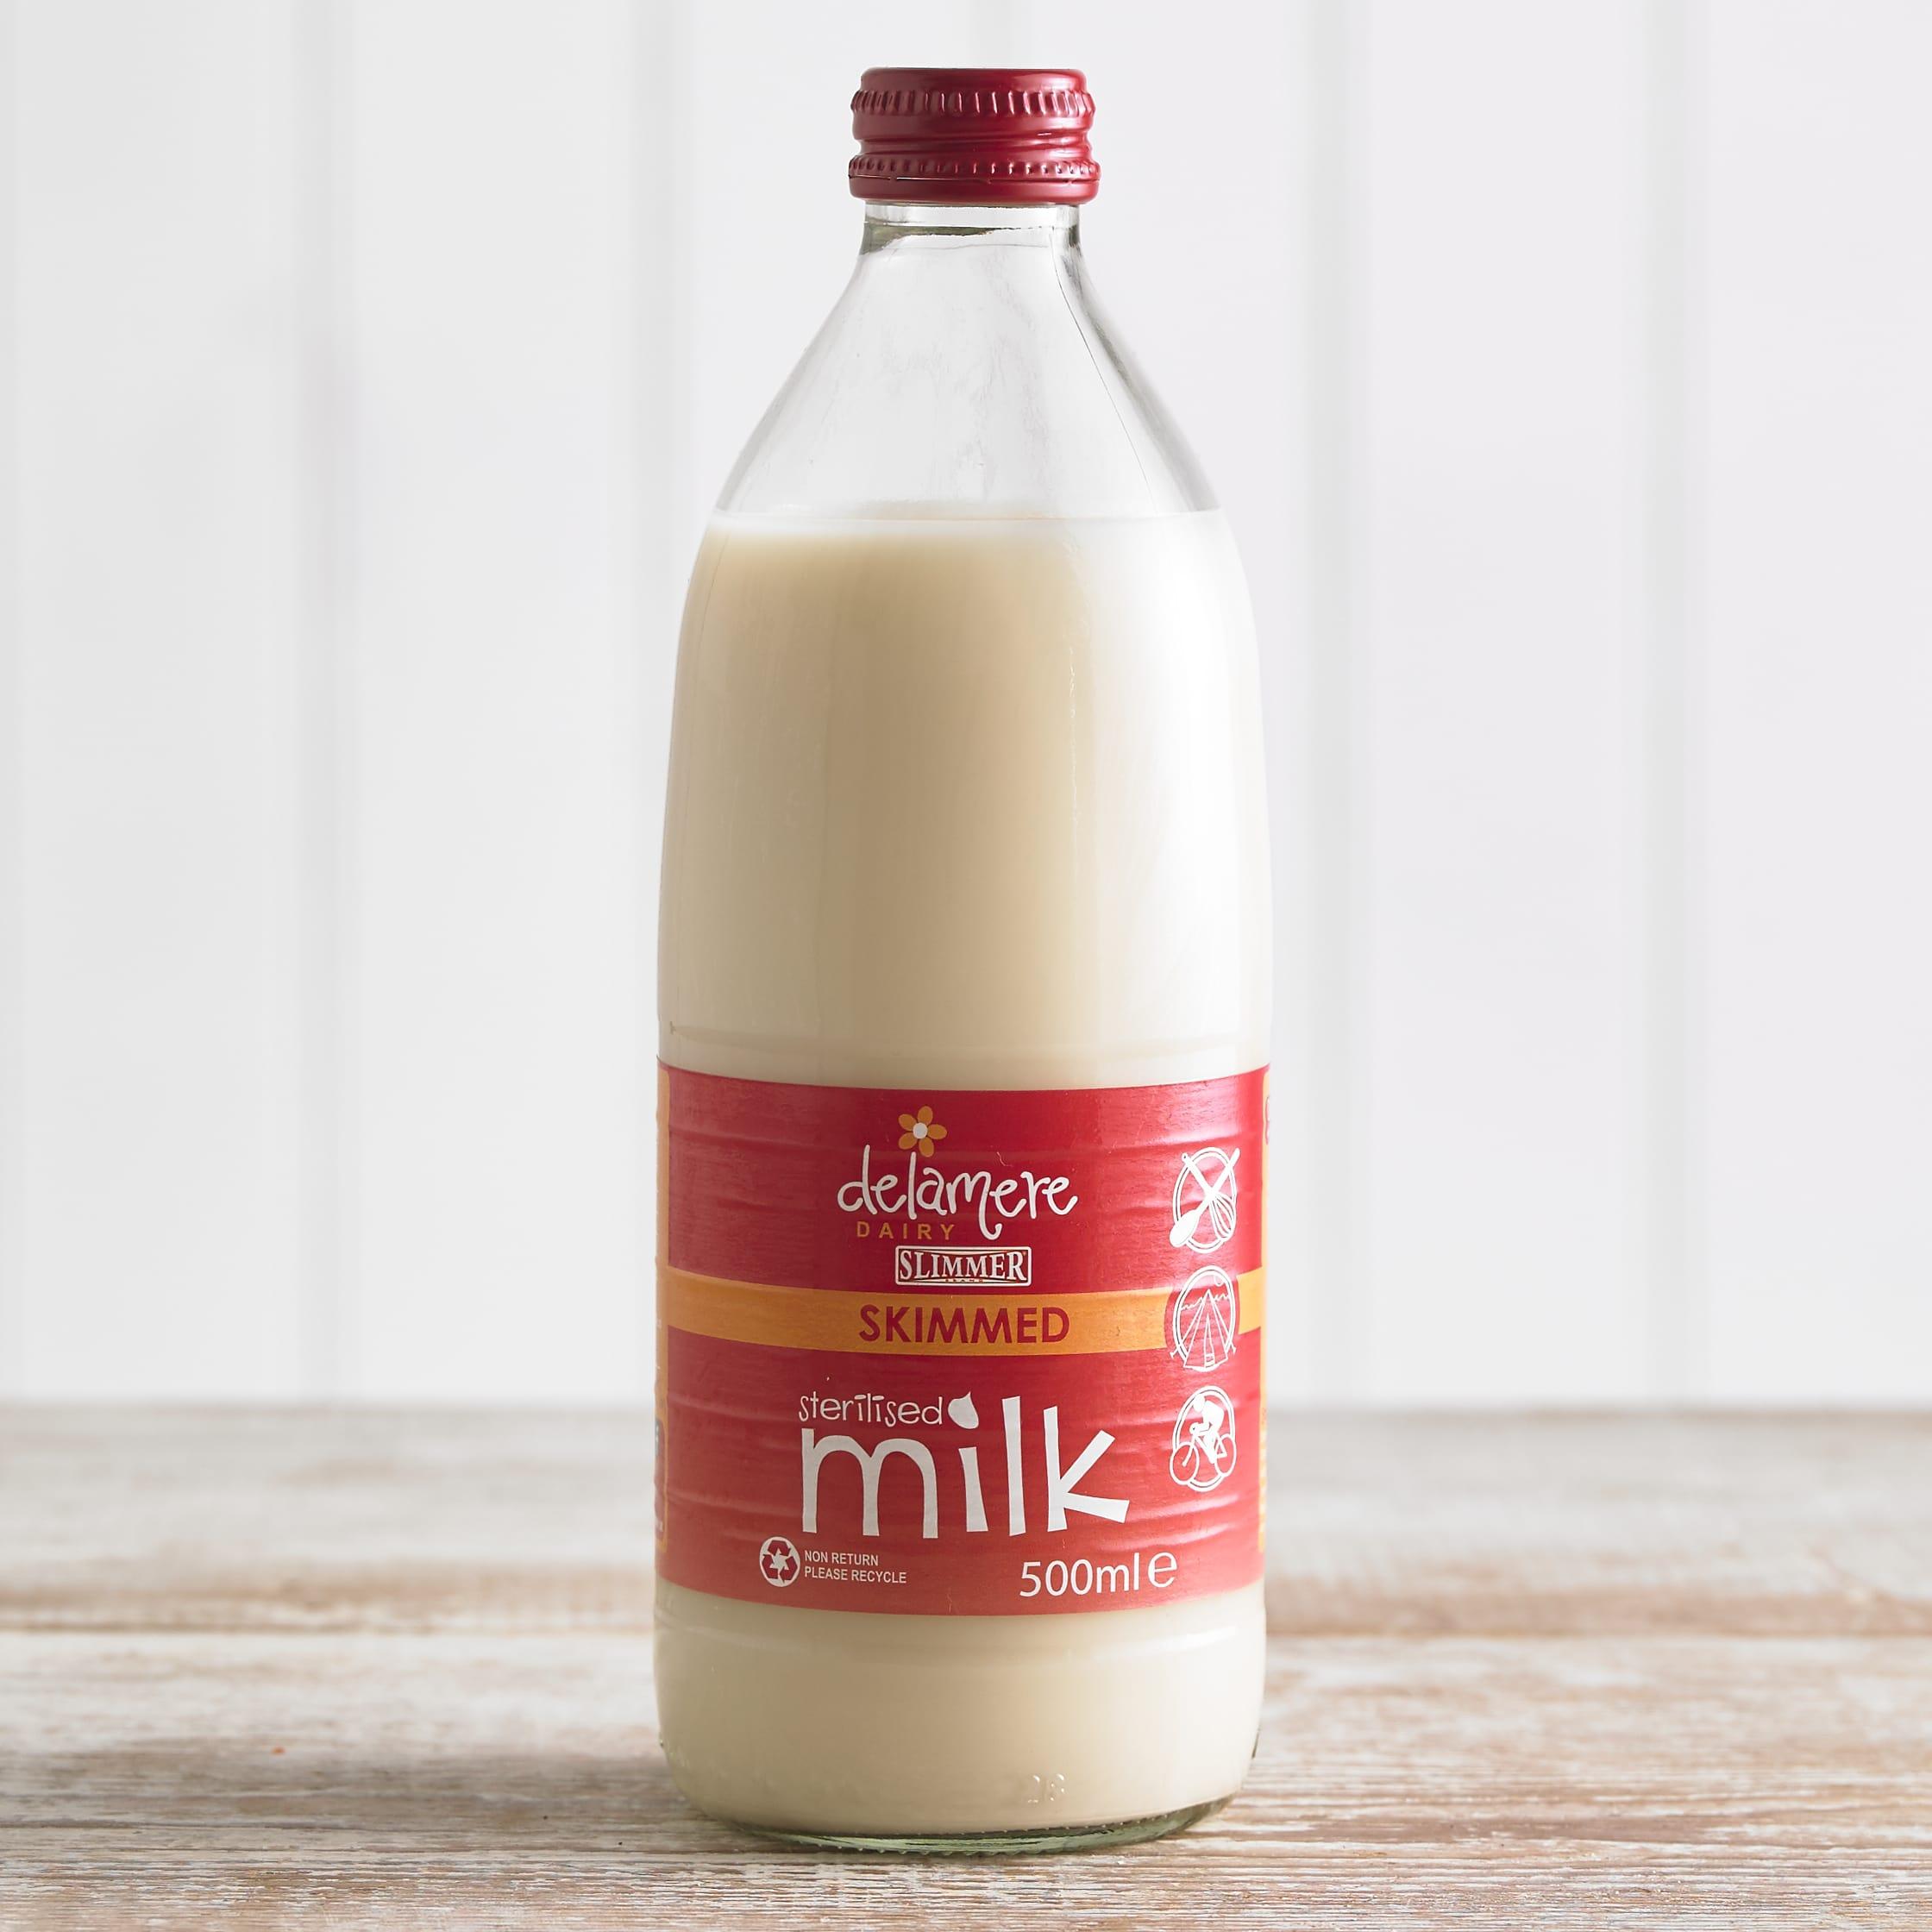 Delamere Sterilised Skimmed Milk, 500ml